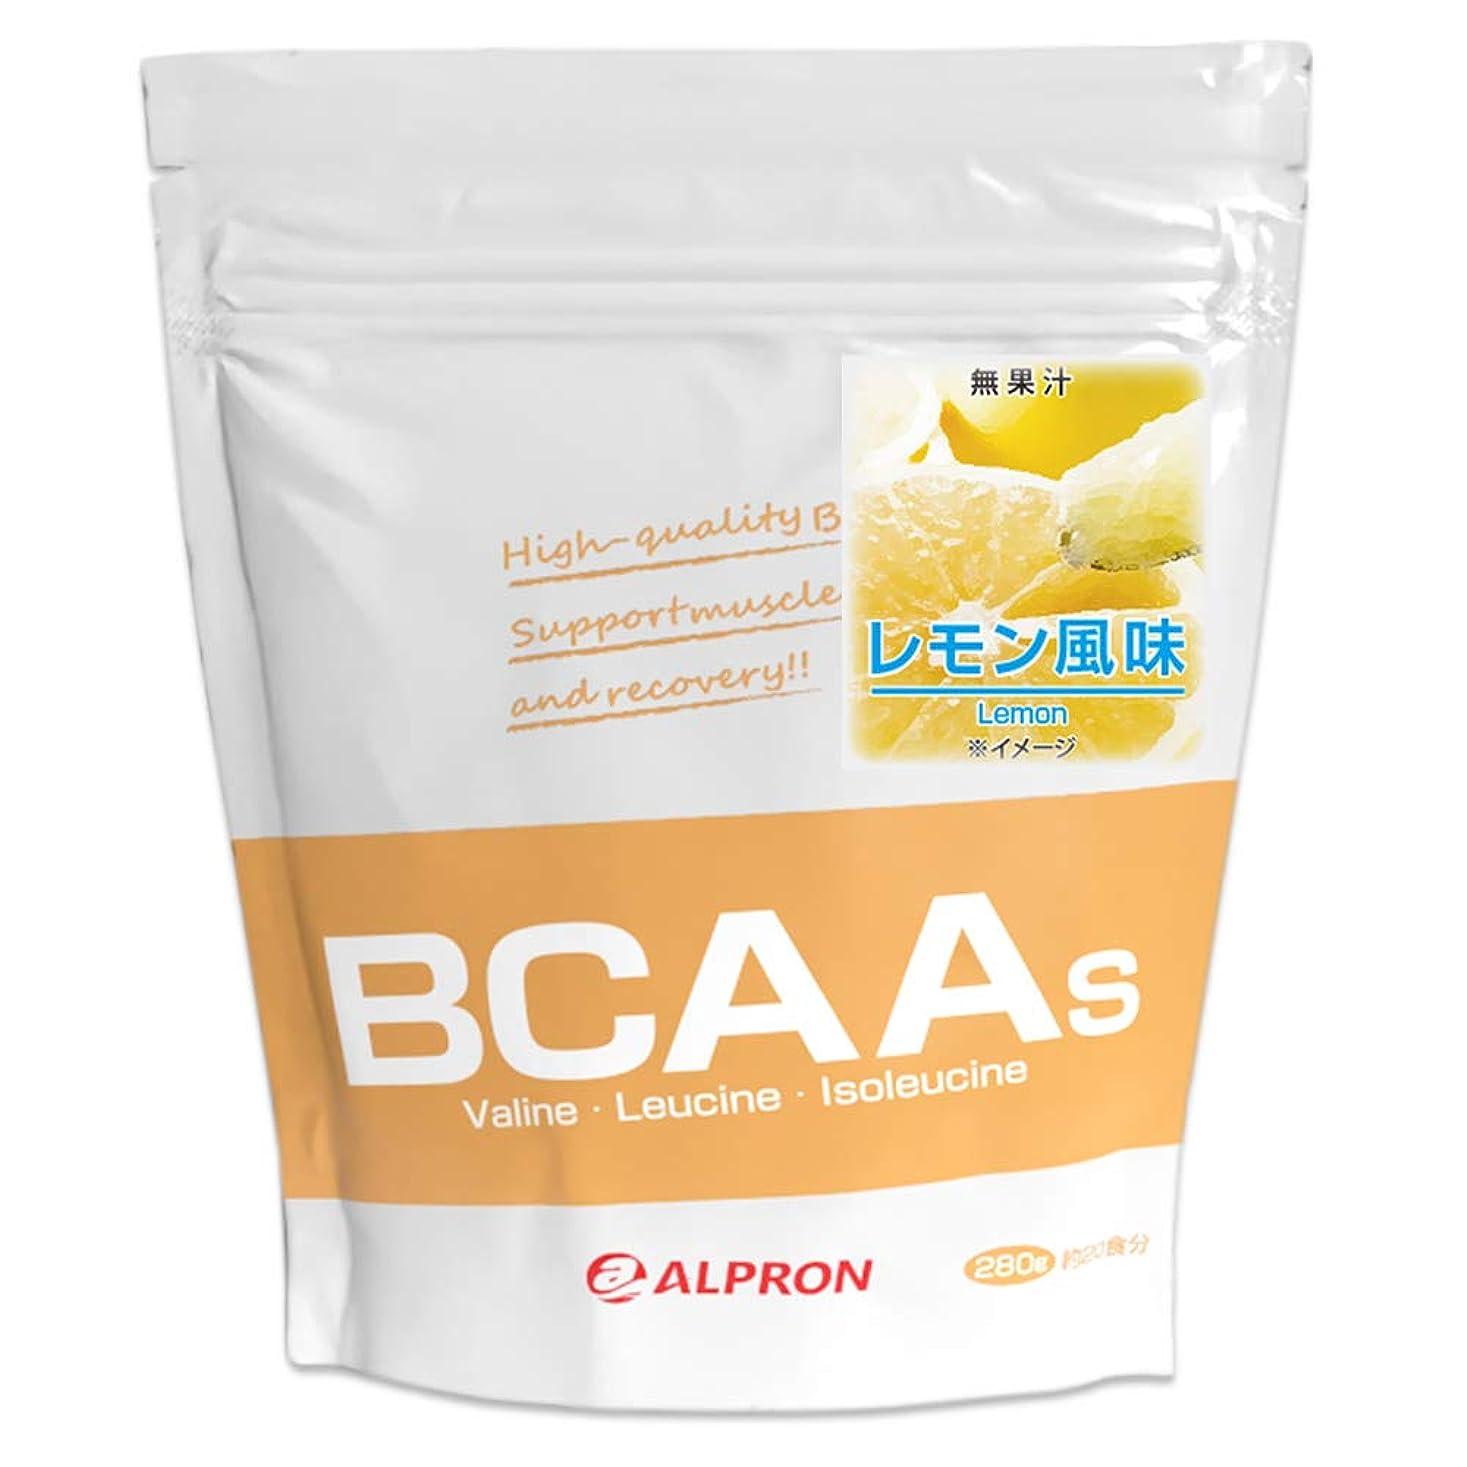 ボア急襲リラックスアルプロン BCAA + シトルリン + グルタミン 280g レモン風味(アミノ酸 ALPRON 粉末ドリンク 国内生産)